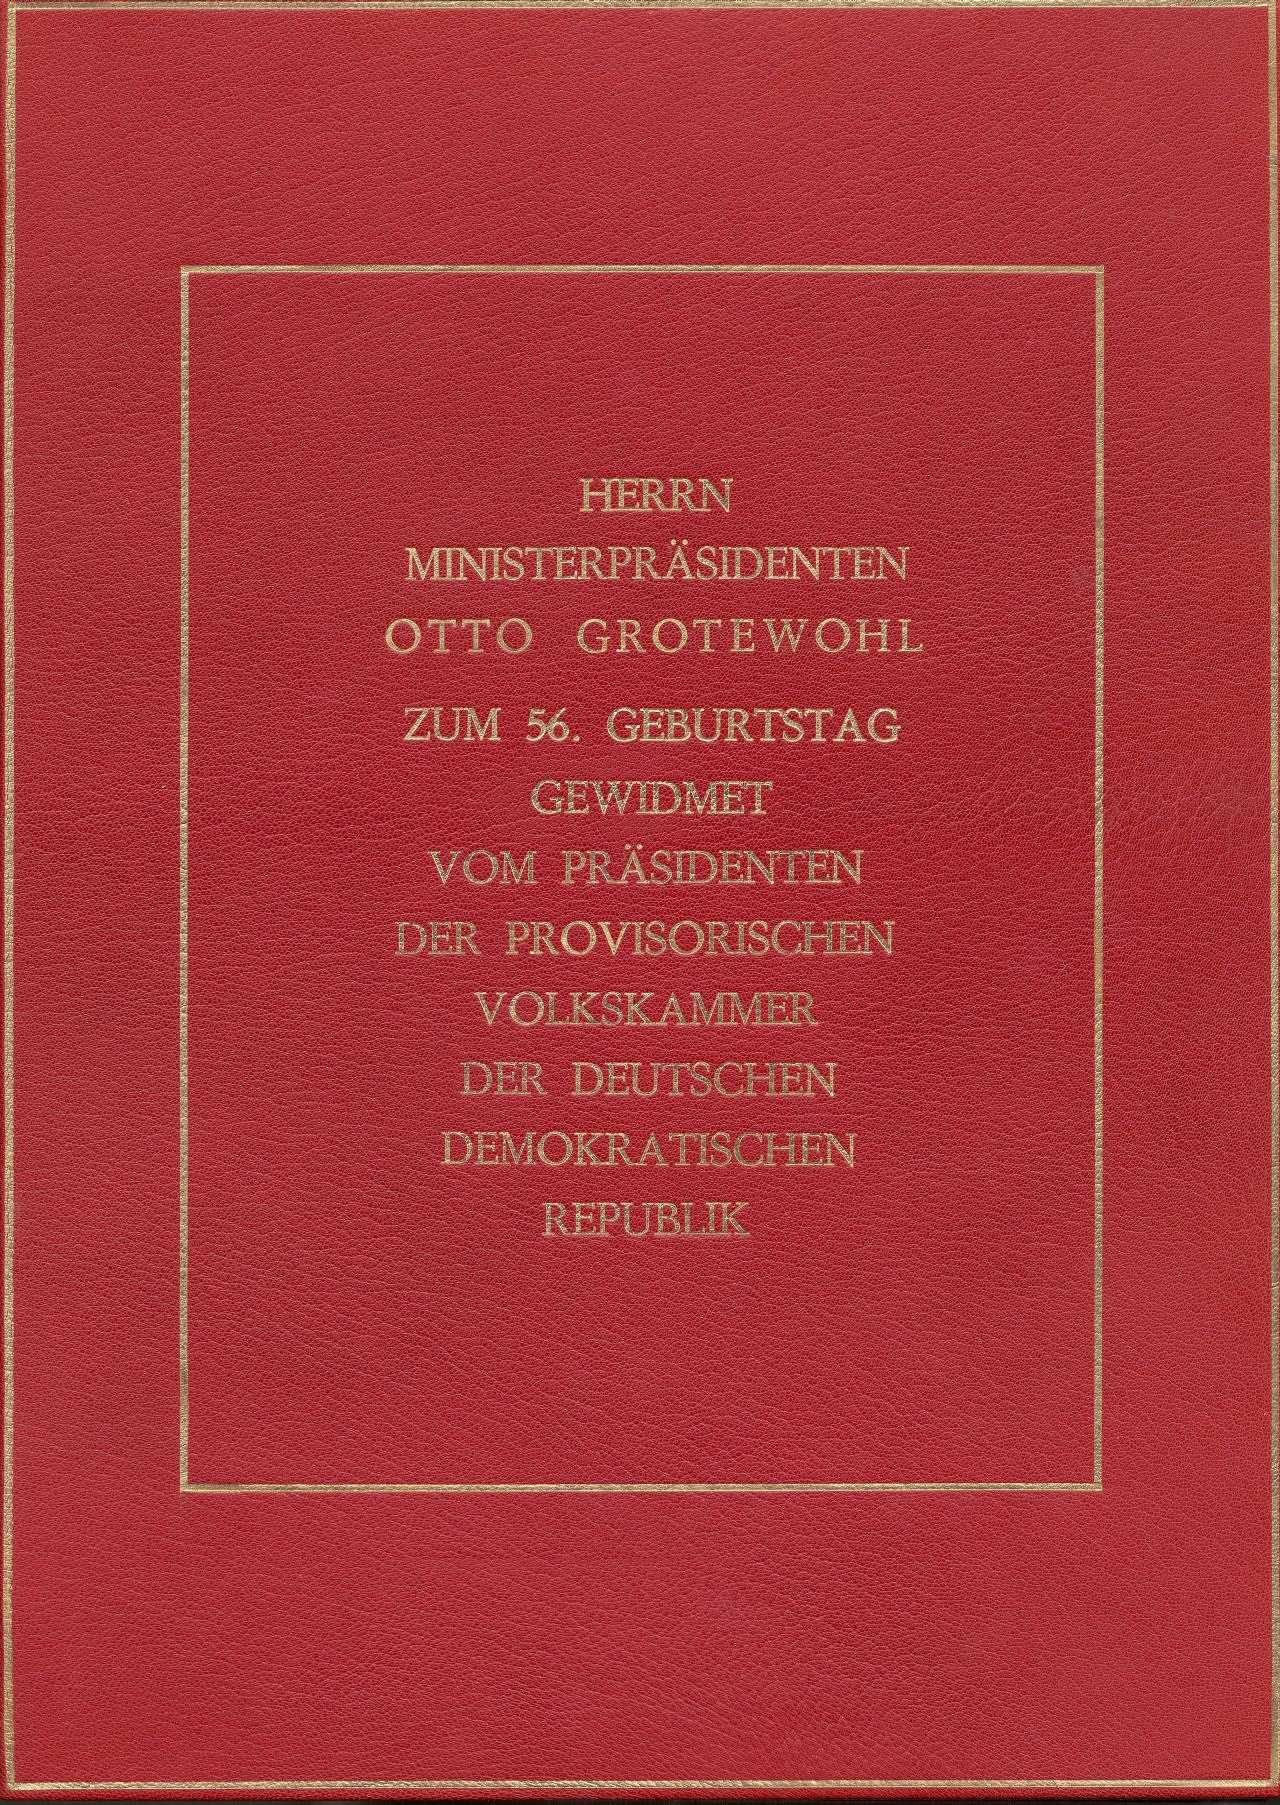 Ddr Weihnachtslieder Texte.Lemo Kapitel Entstehung Der Ddr Verfassung Und Führungsrolle Der Sed